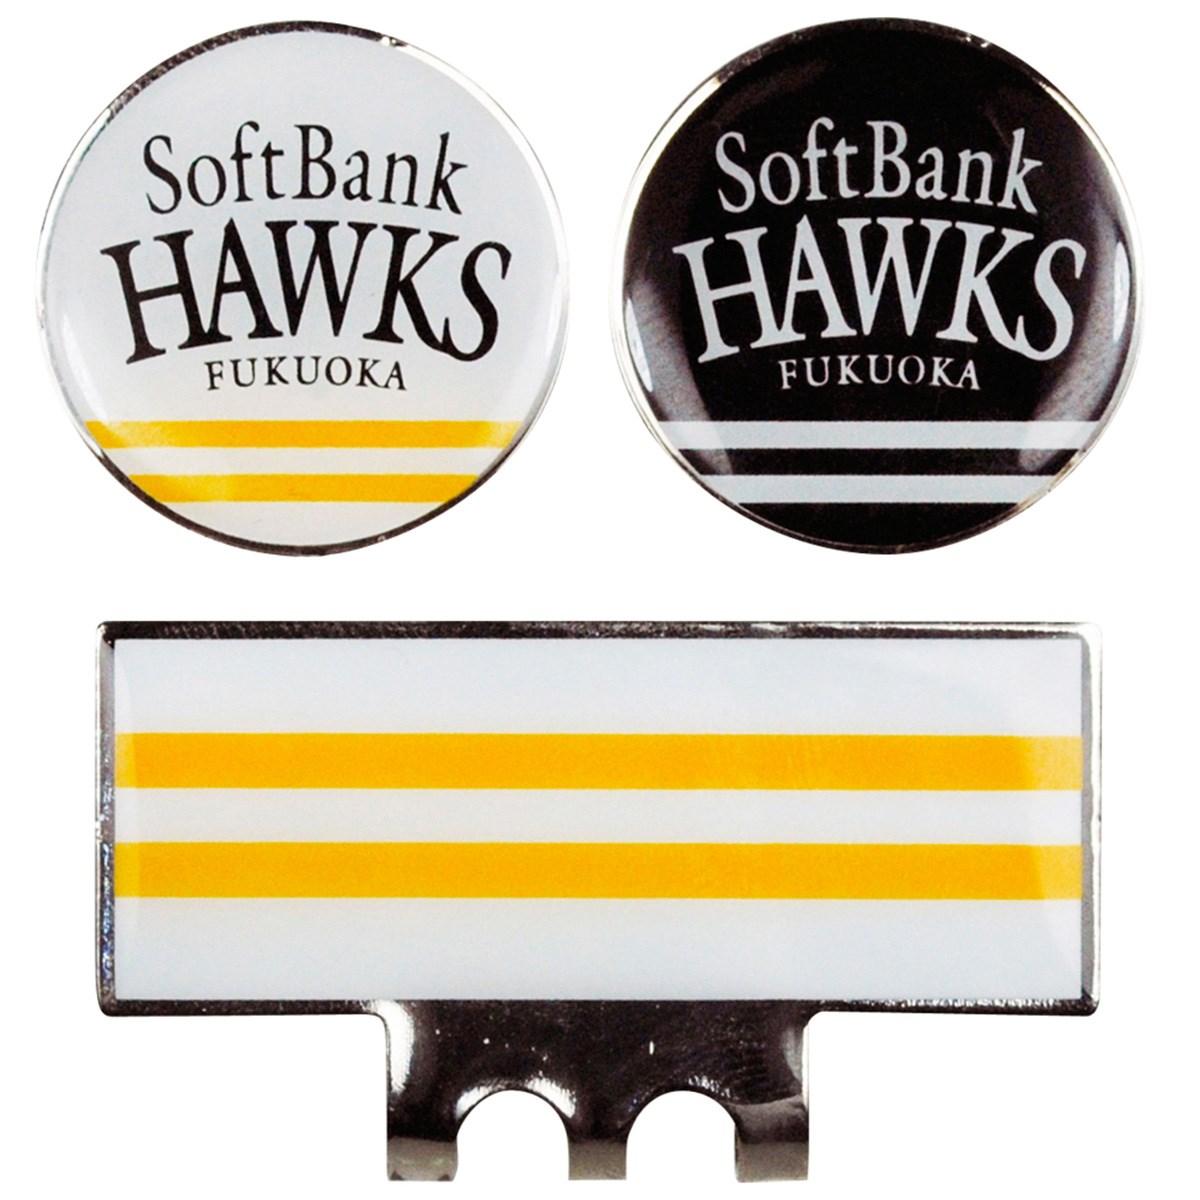 福岡ソフトバンクホークス クリップマーカー ホワイト/ブラック